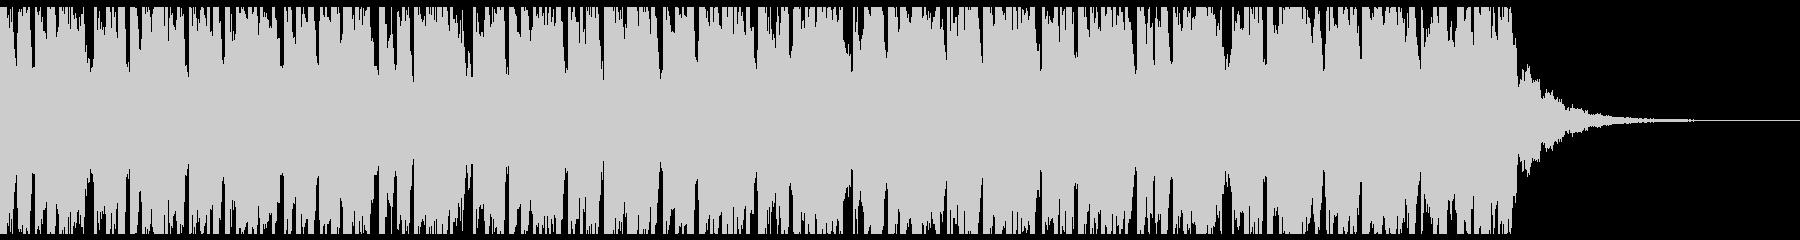 ハッピーサマー(ショート2)の未再生の波形